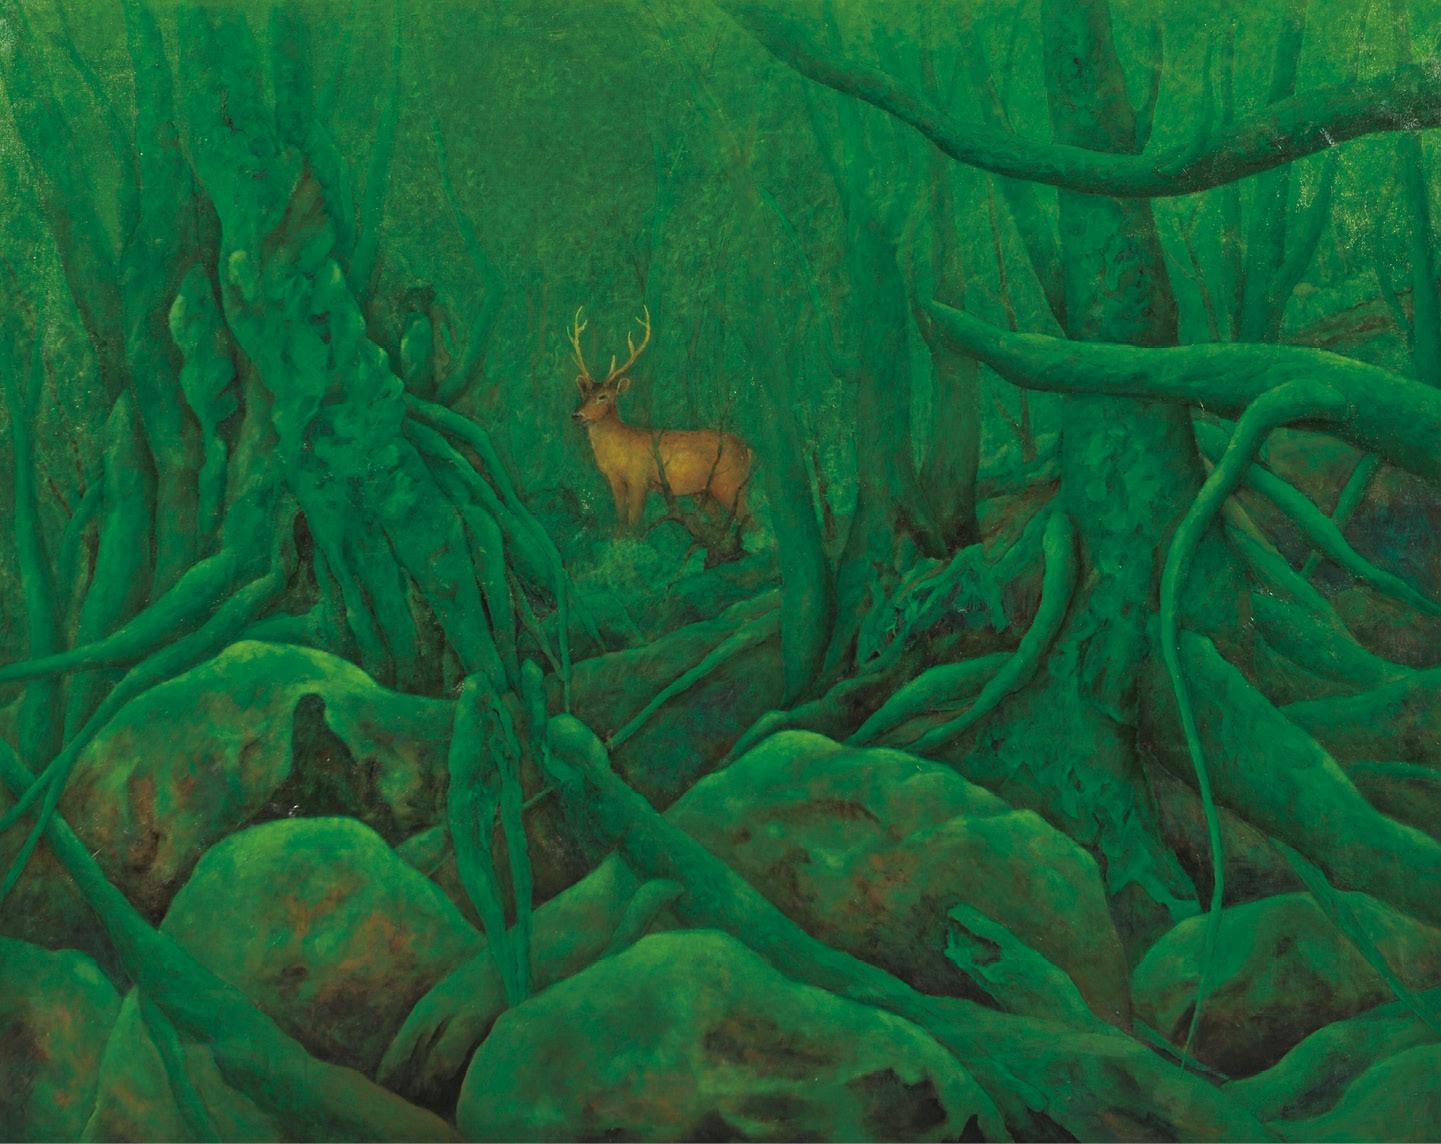 苔の原生林